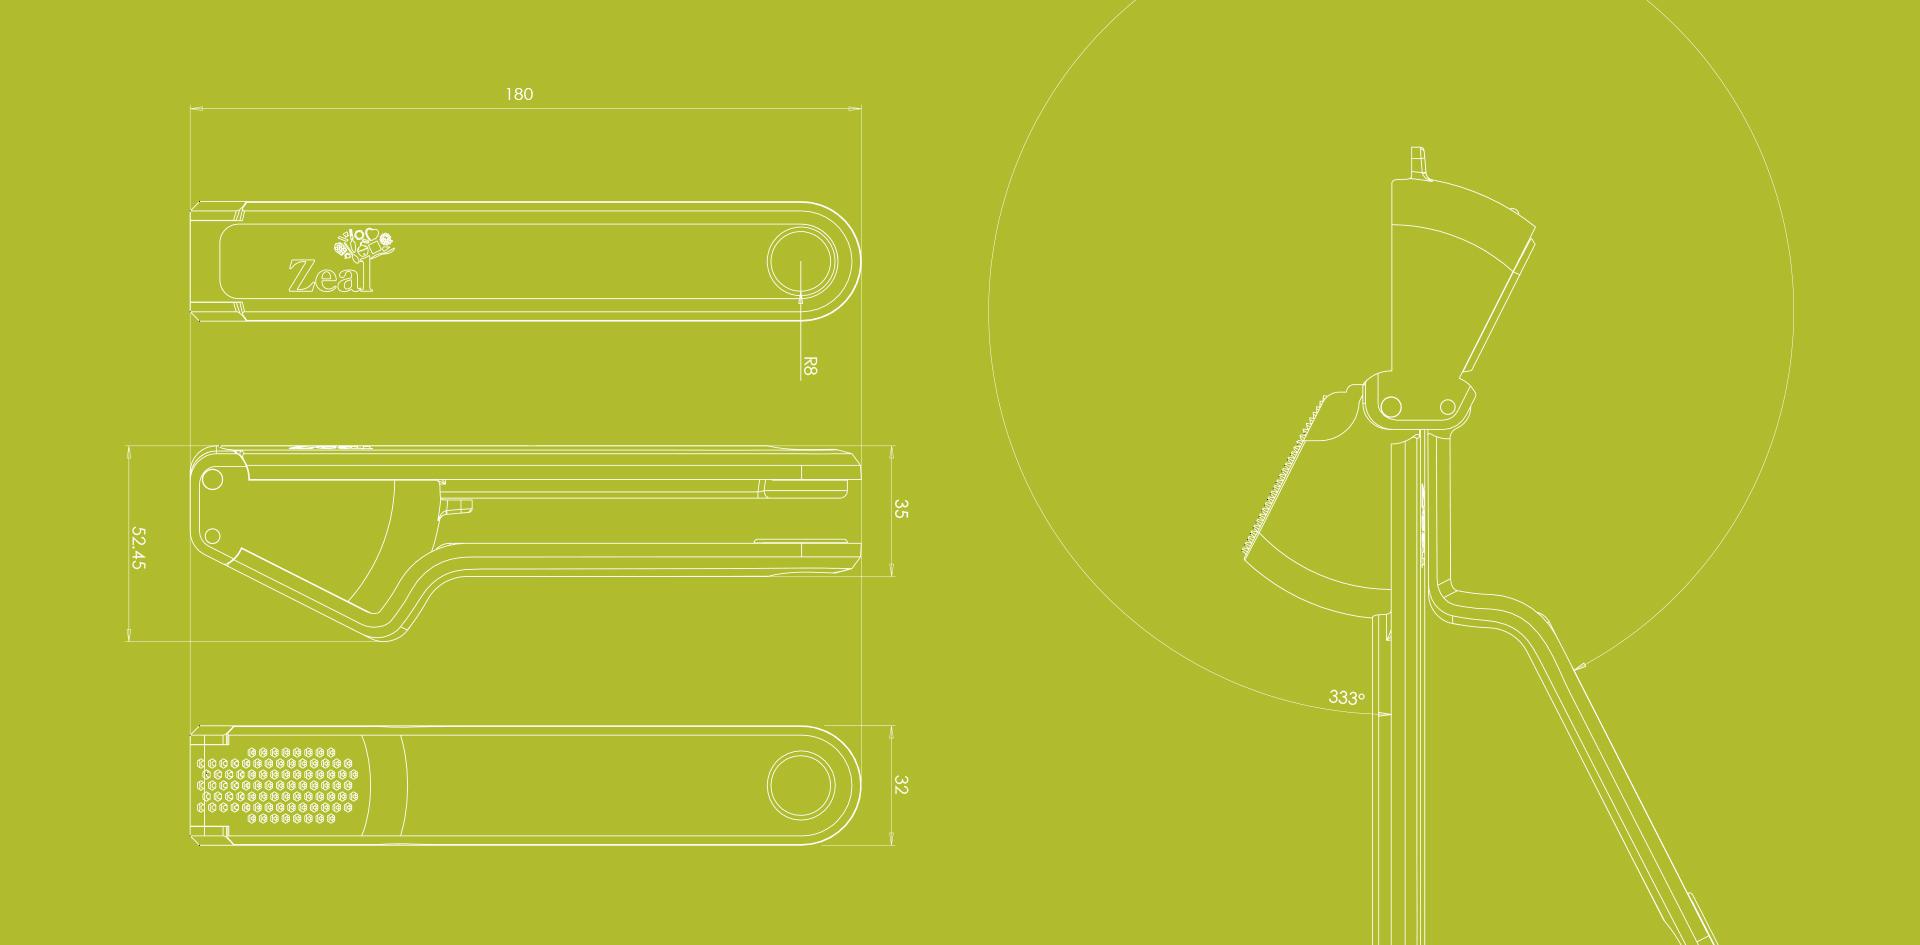 Zeal Garlic press | Detailed engineering drawings